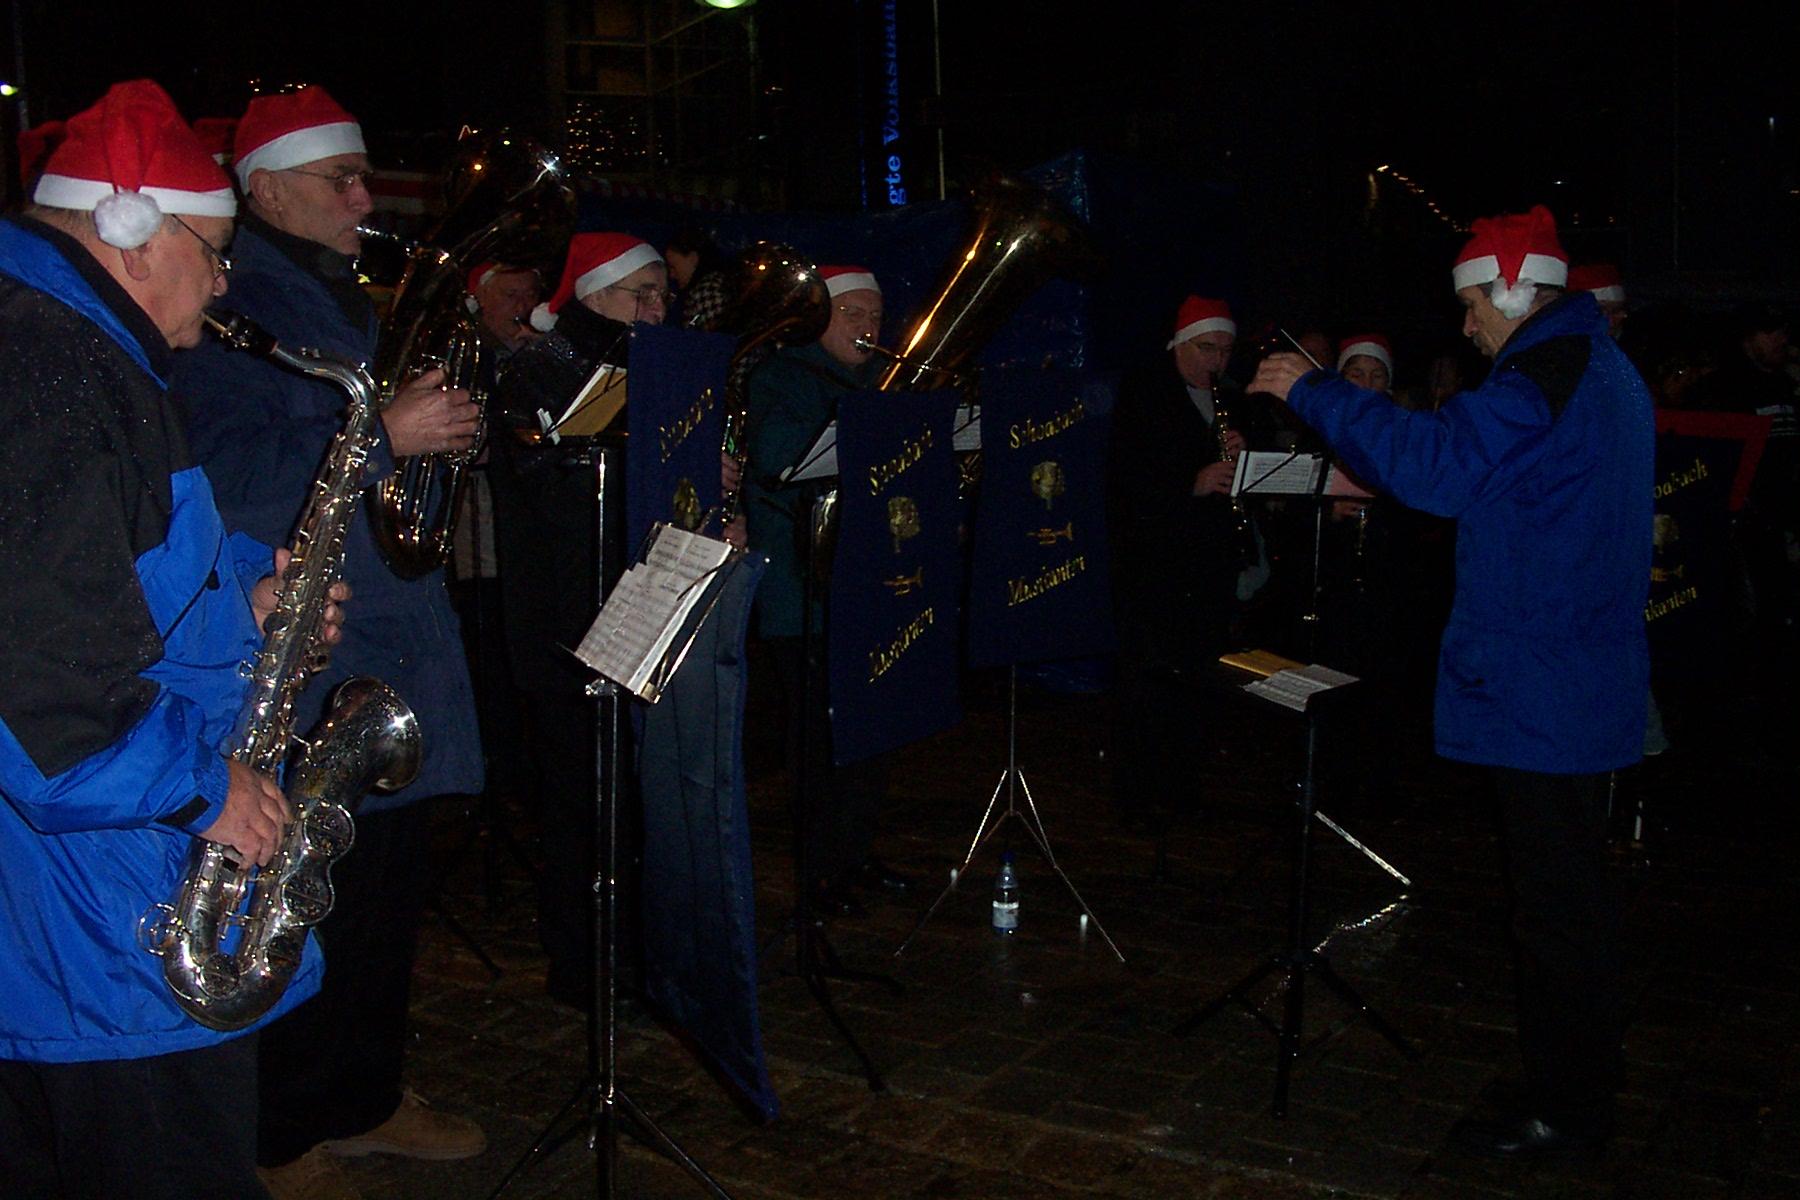 Weihnachtsmarkt Holzgerlingen 09.12.2006